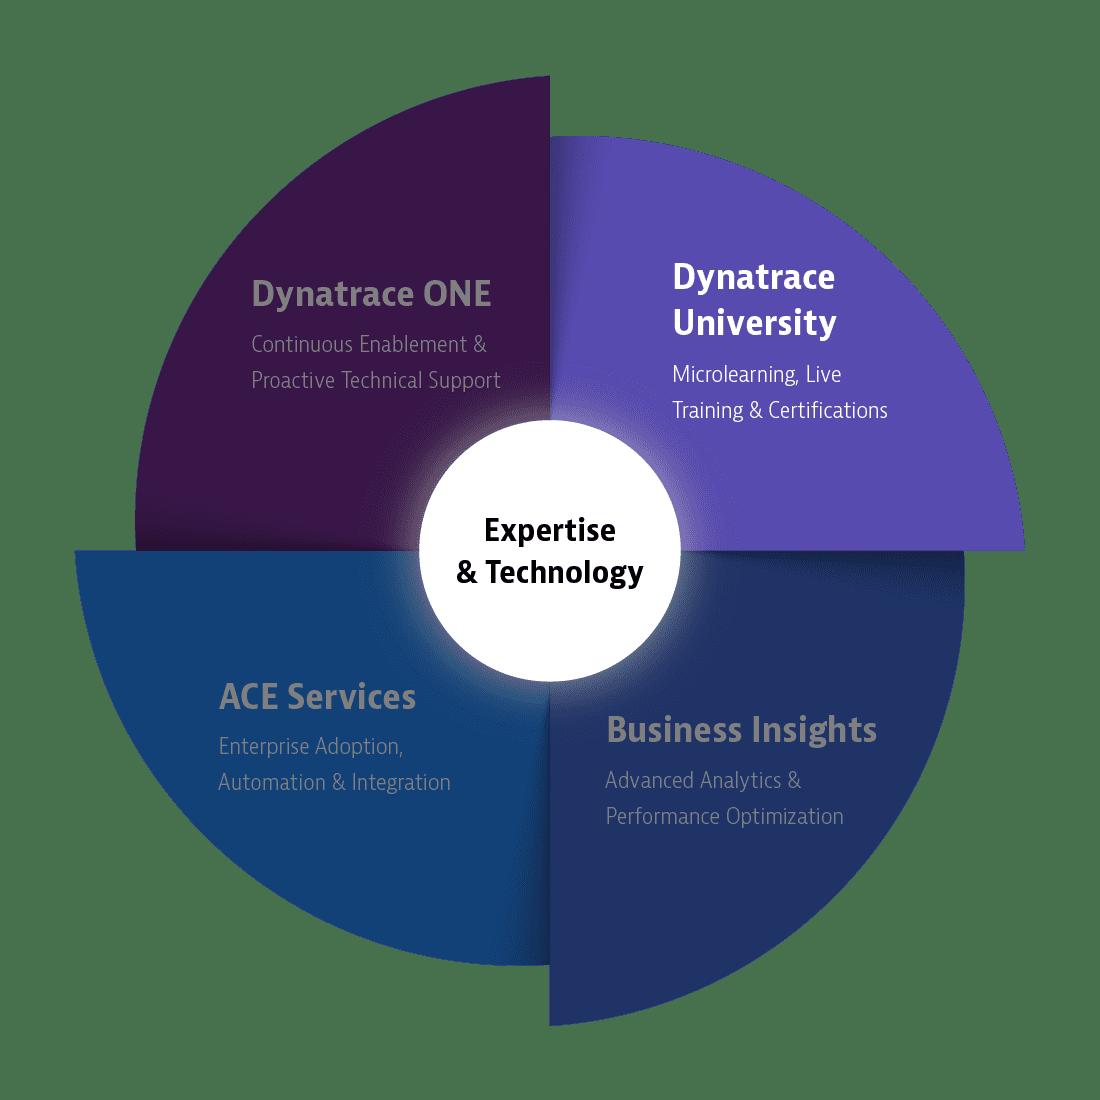 Dynatrace University